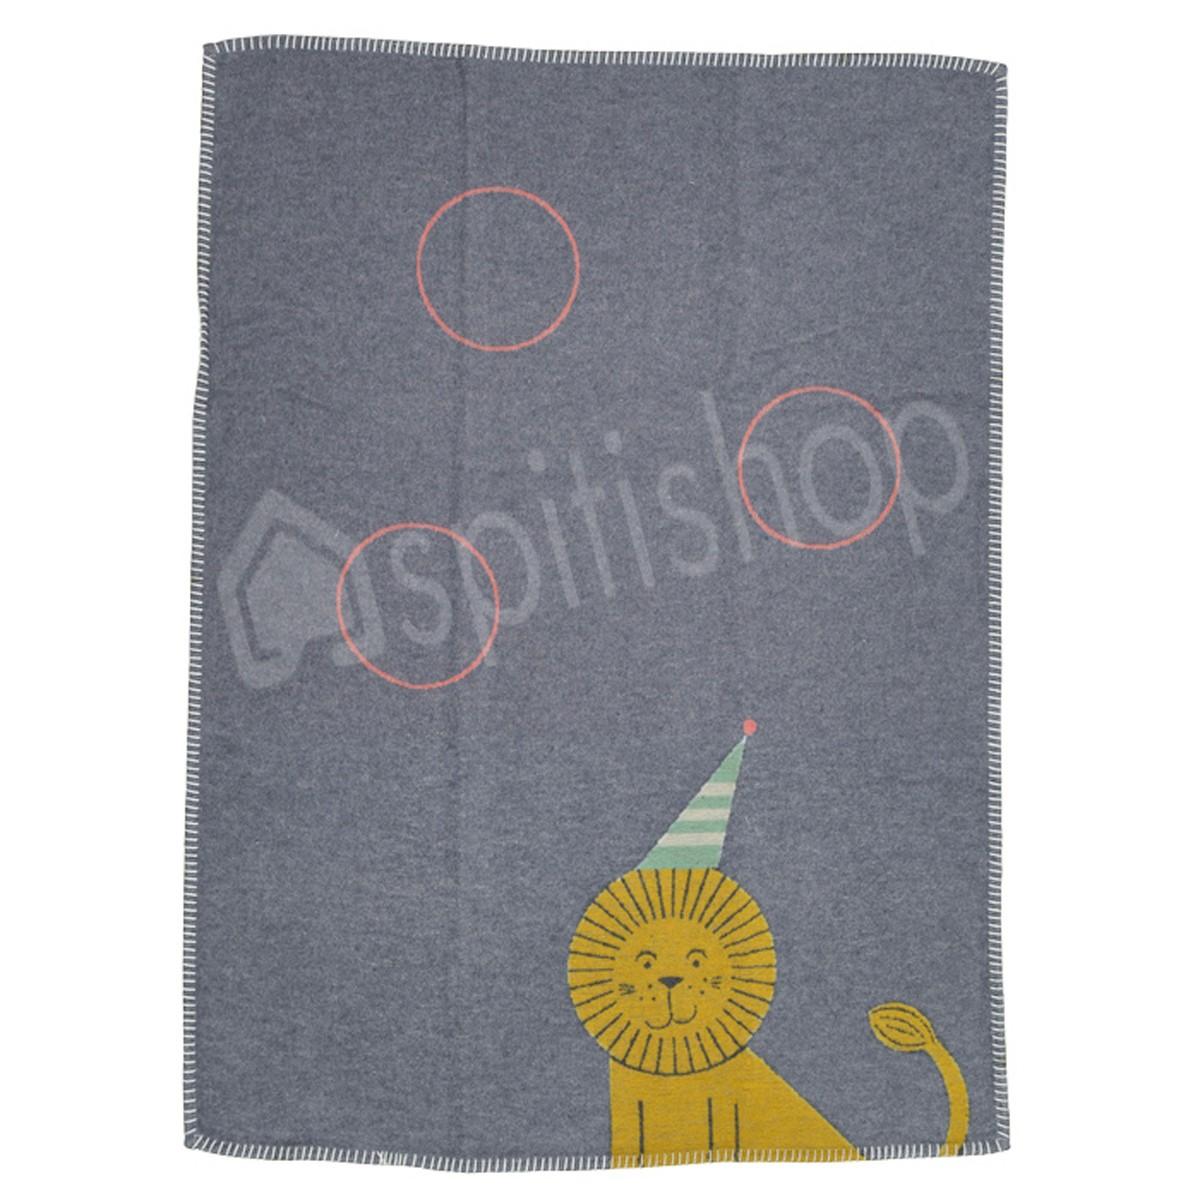 Κουβέρτα Fleece Αγκαλιάς David Fussenegger Lili 6629/90 home   βρεφικά   κουβέρτες βρεφικές   κουβέρτες fleece